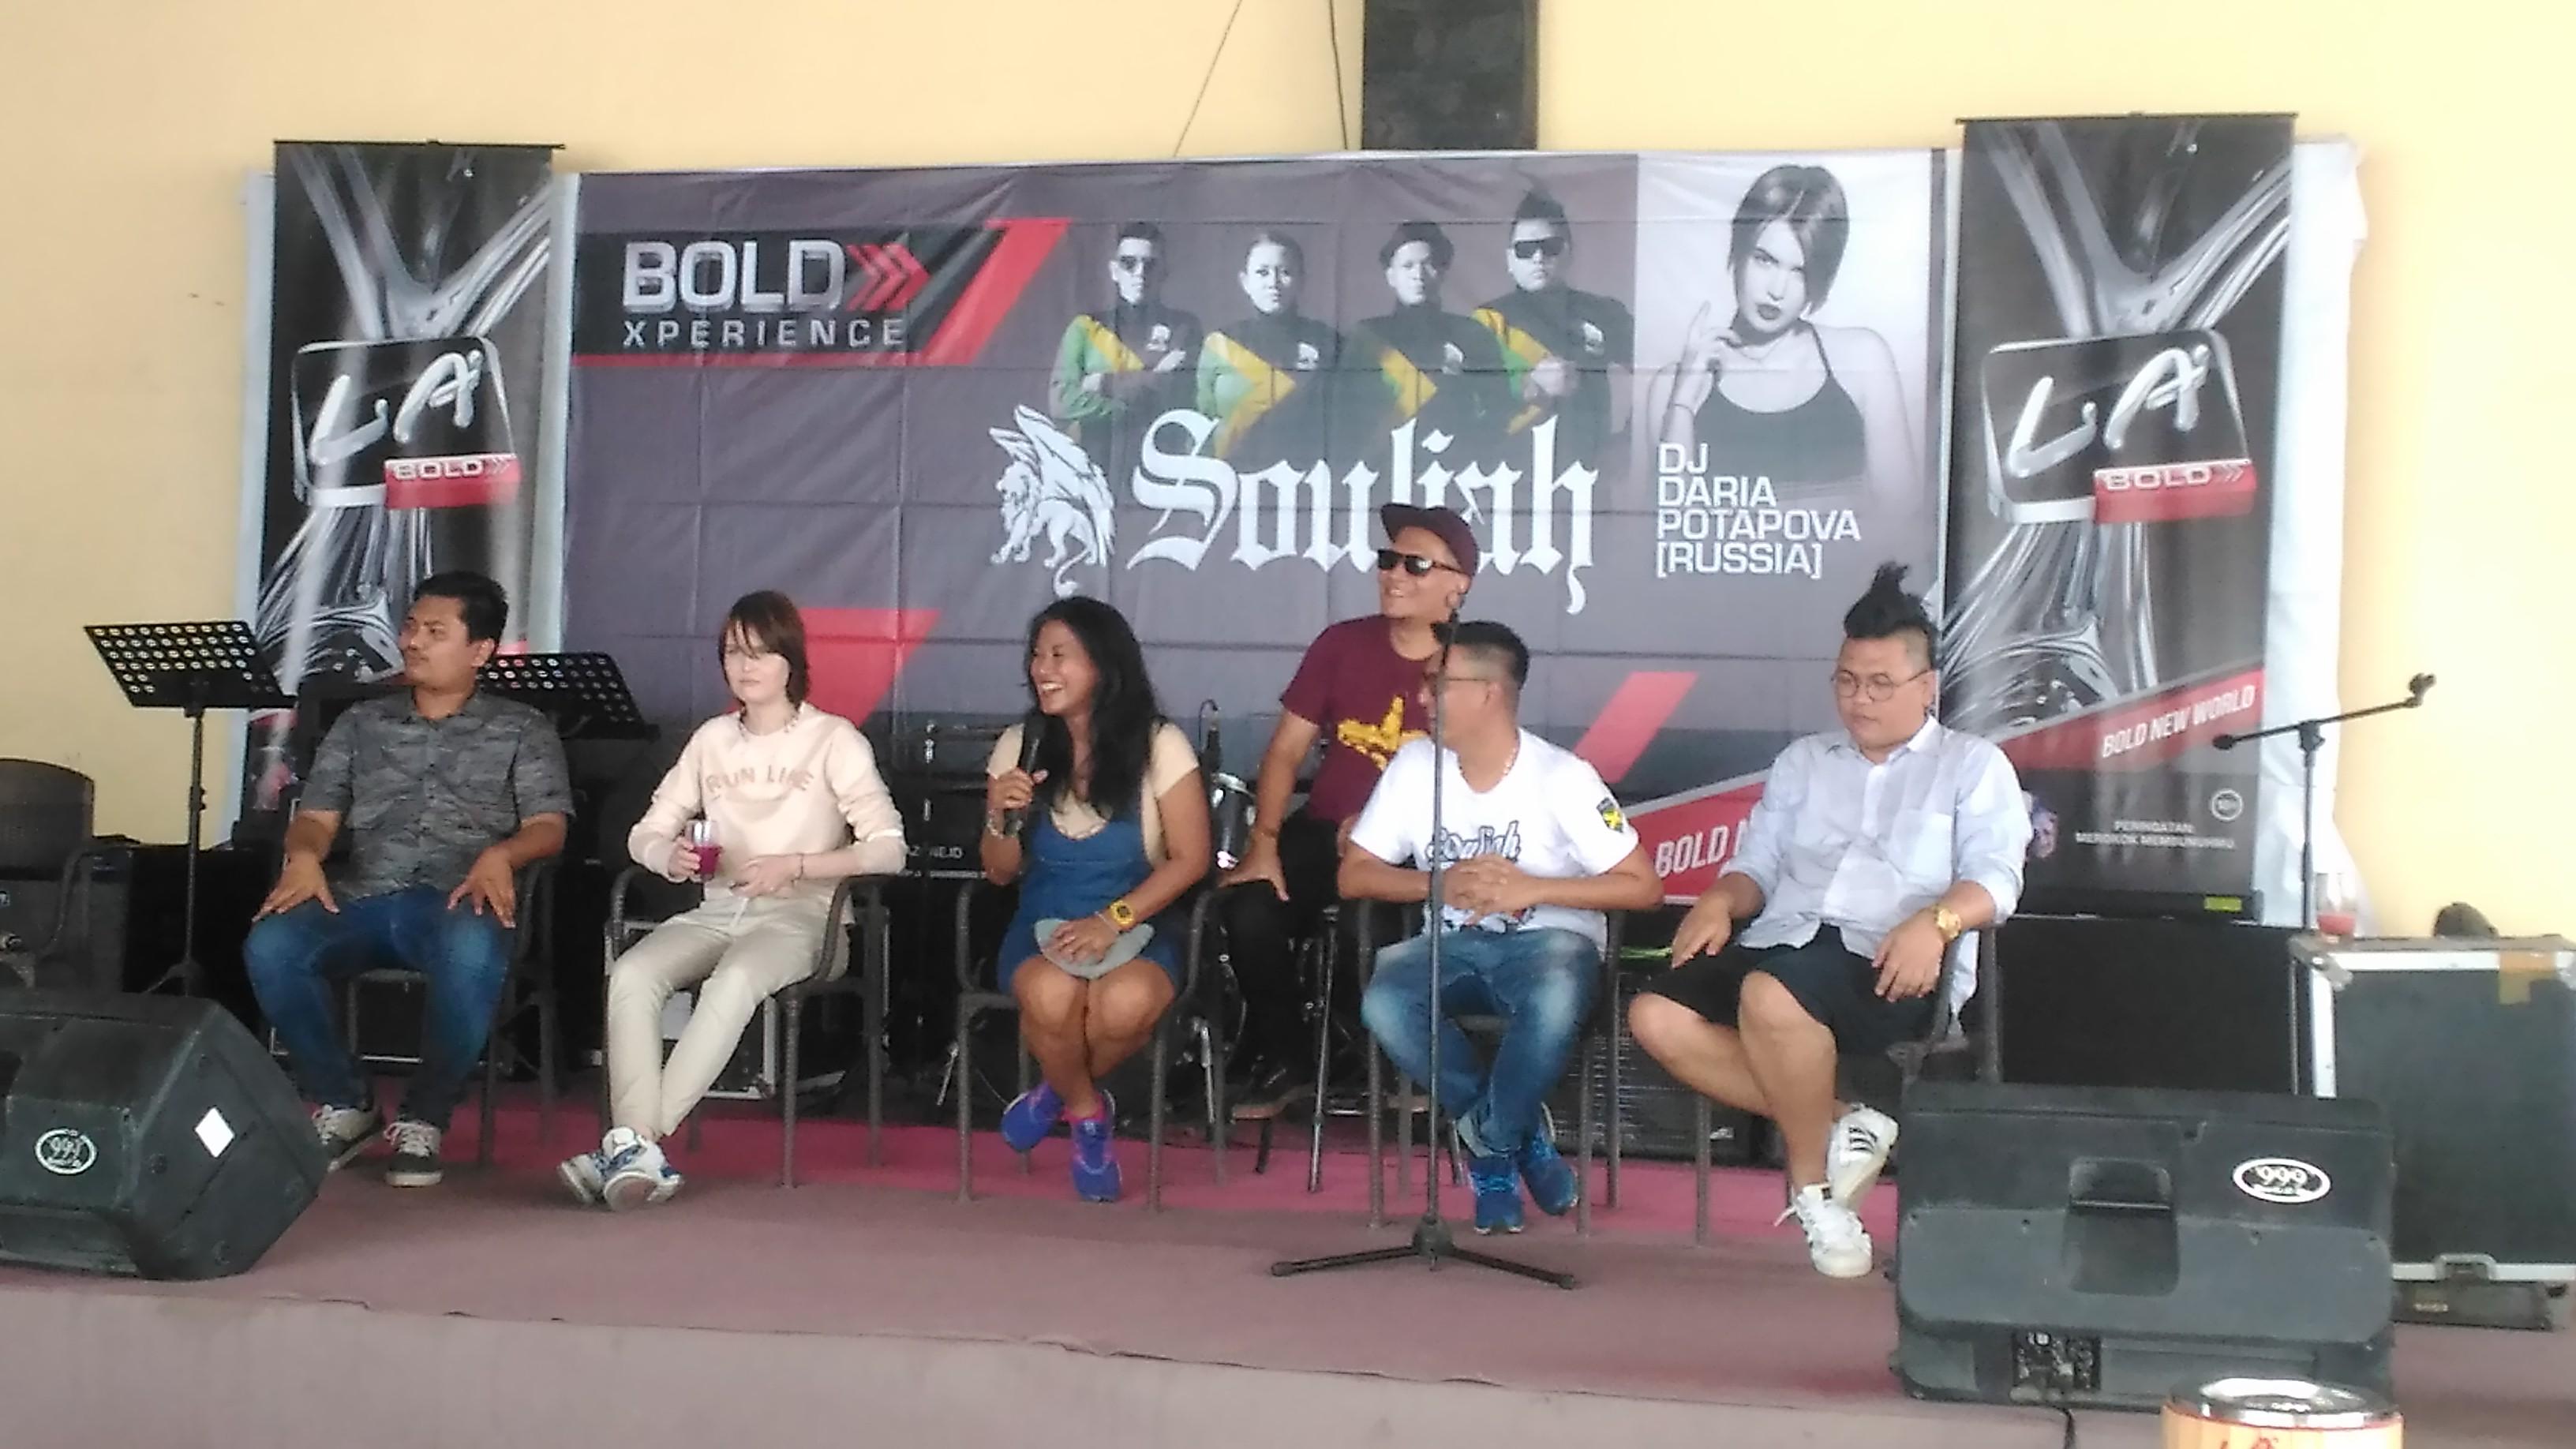 Malam Souljah Dj Daria Patapova Hibur Warga Kota Kupang Grup